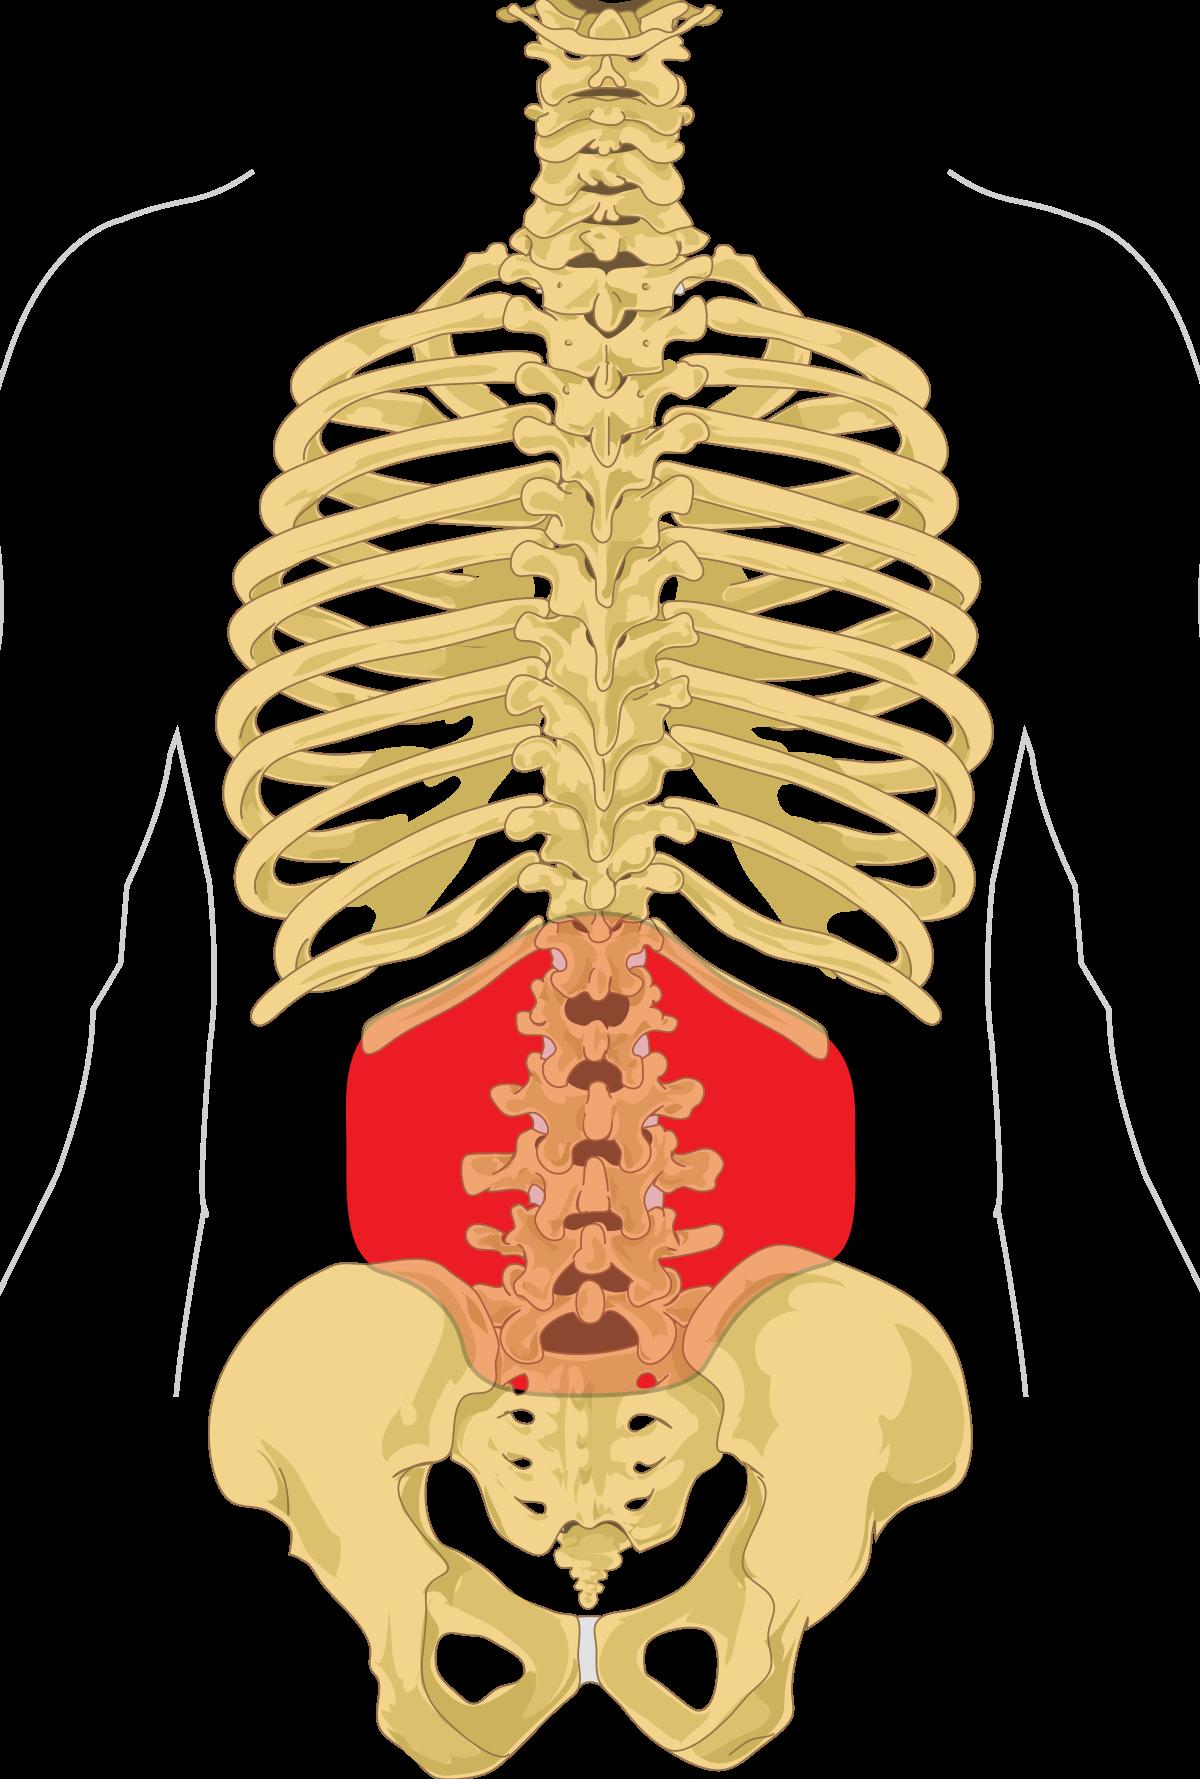 ízületek és a hát alsó része